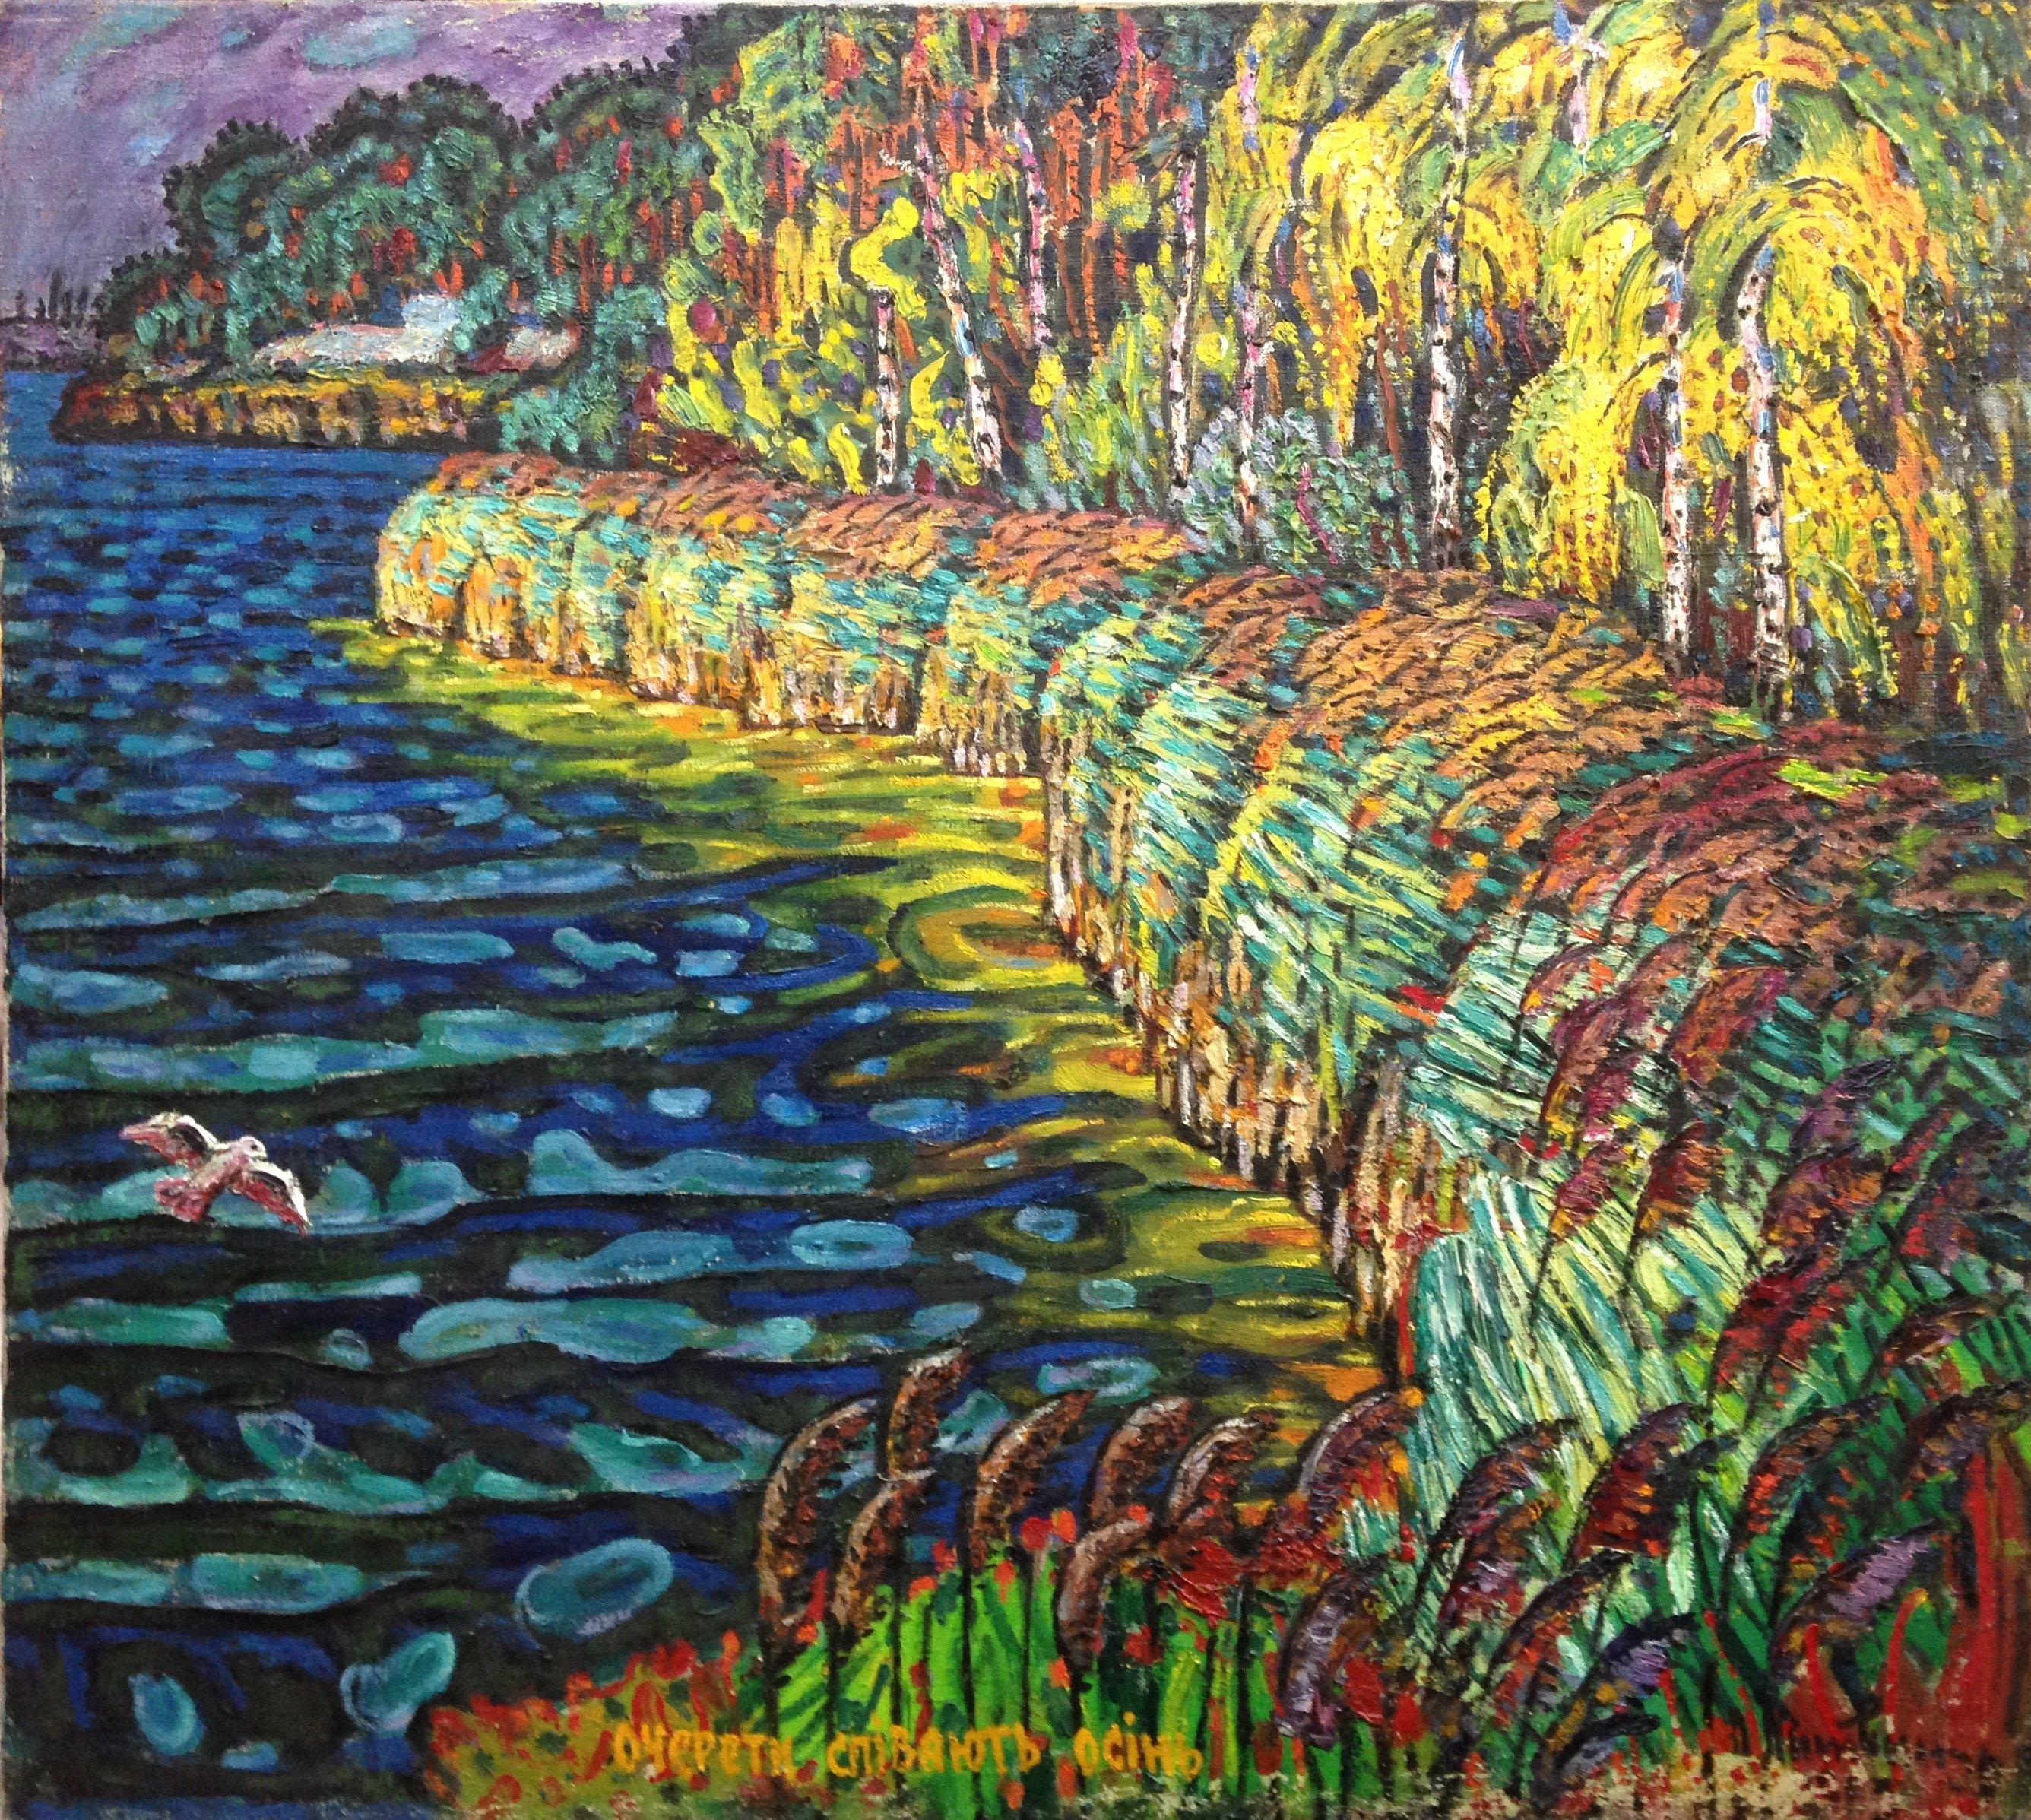 Пейзаж «Камыши поют Осень» 1983 - Литвин Леонид Григорьевич